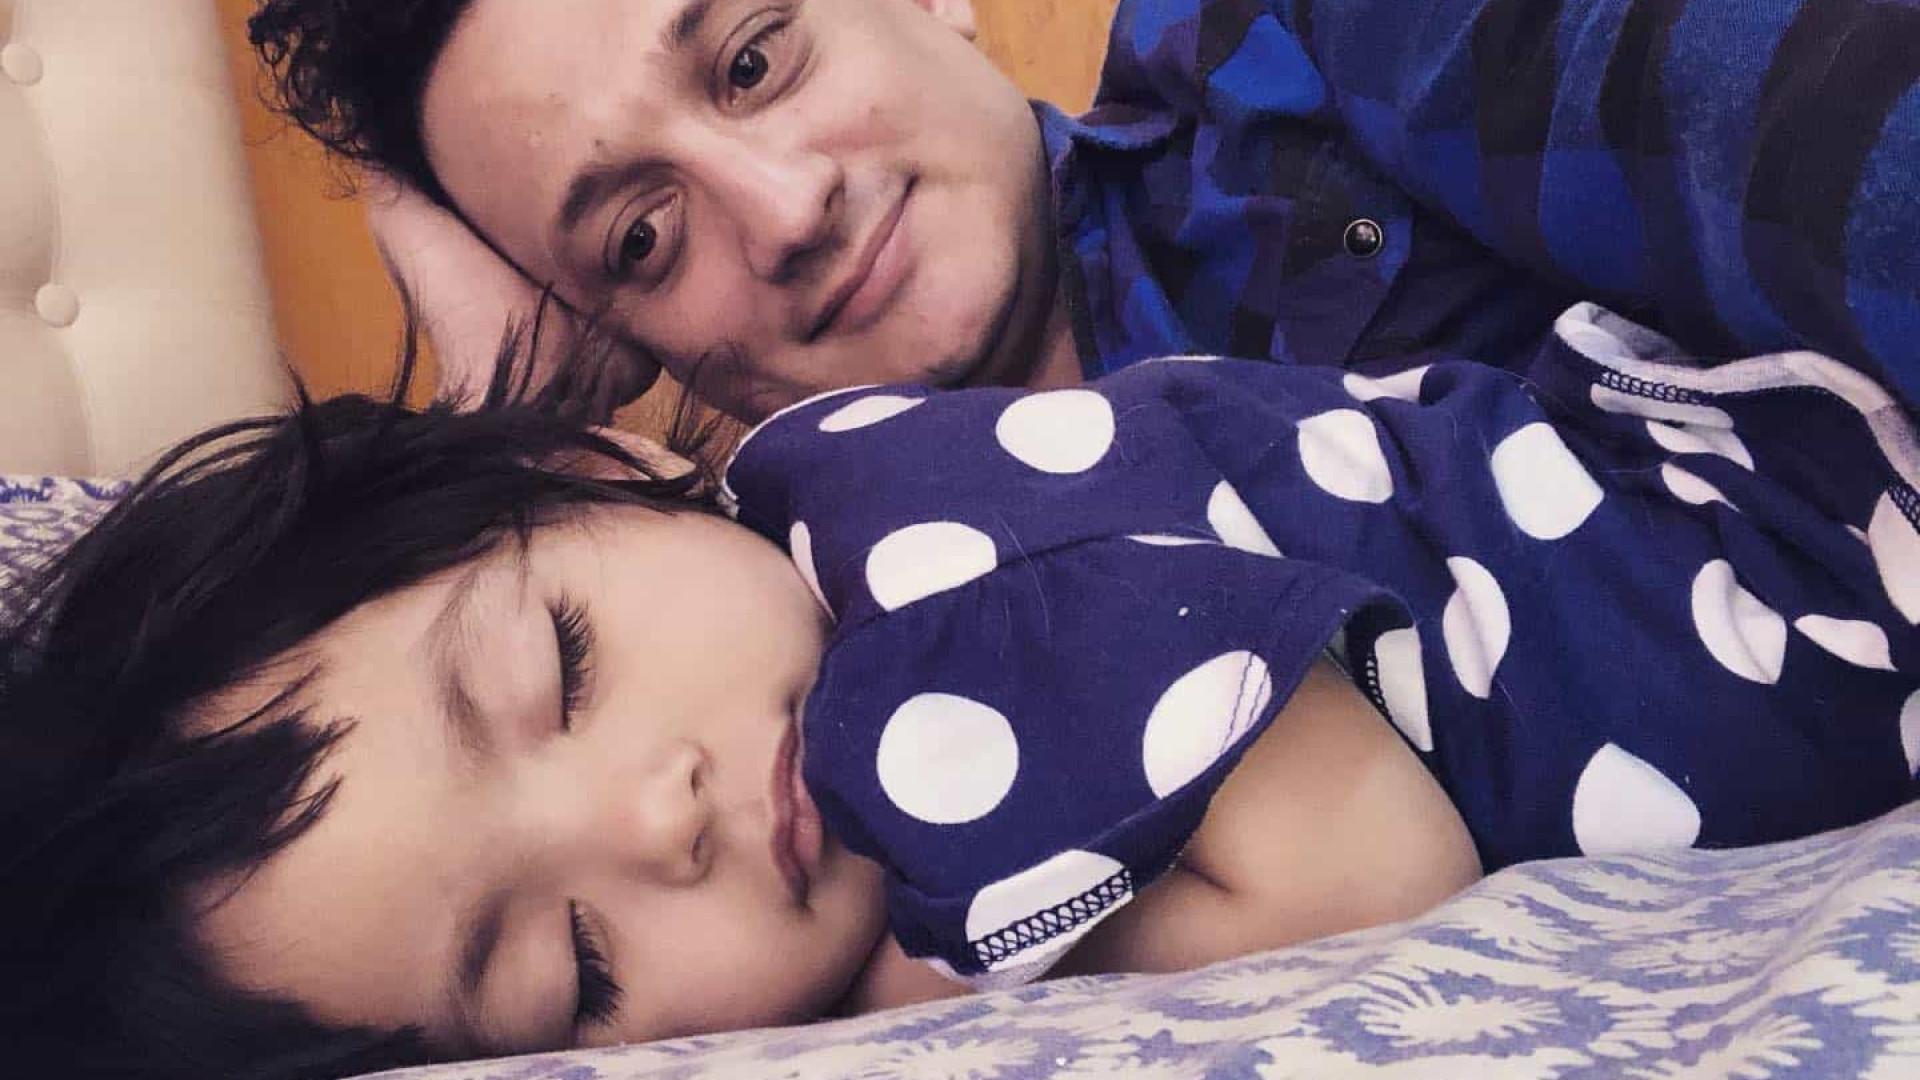 Homem solteiro que sonhava ser pai adota menina doente em hospital